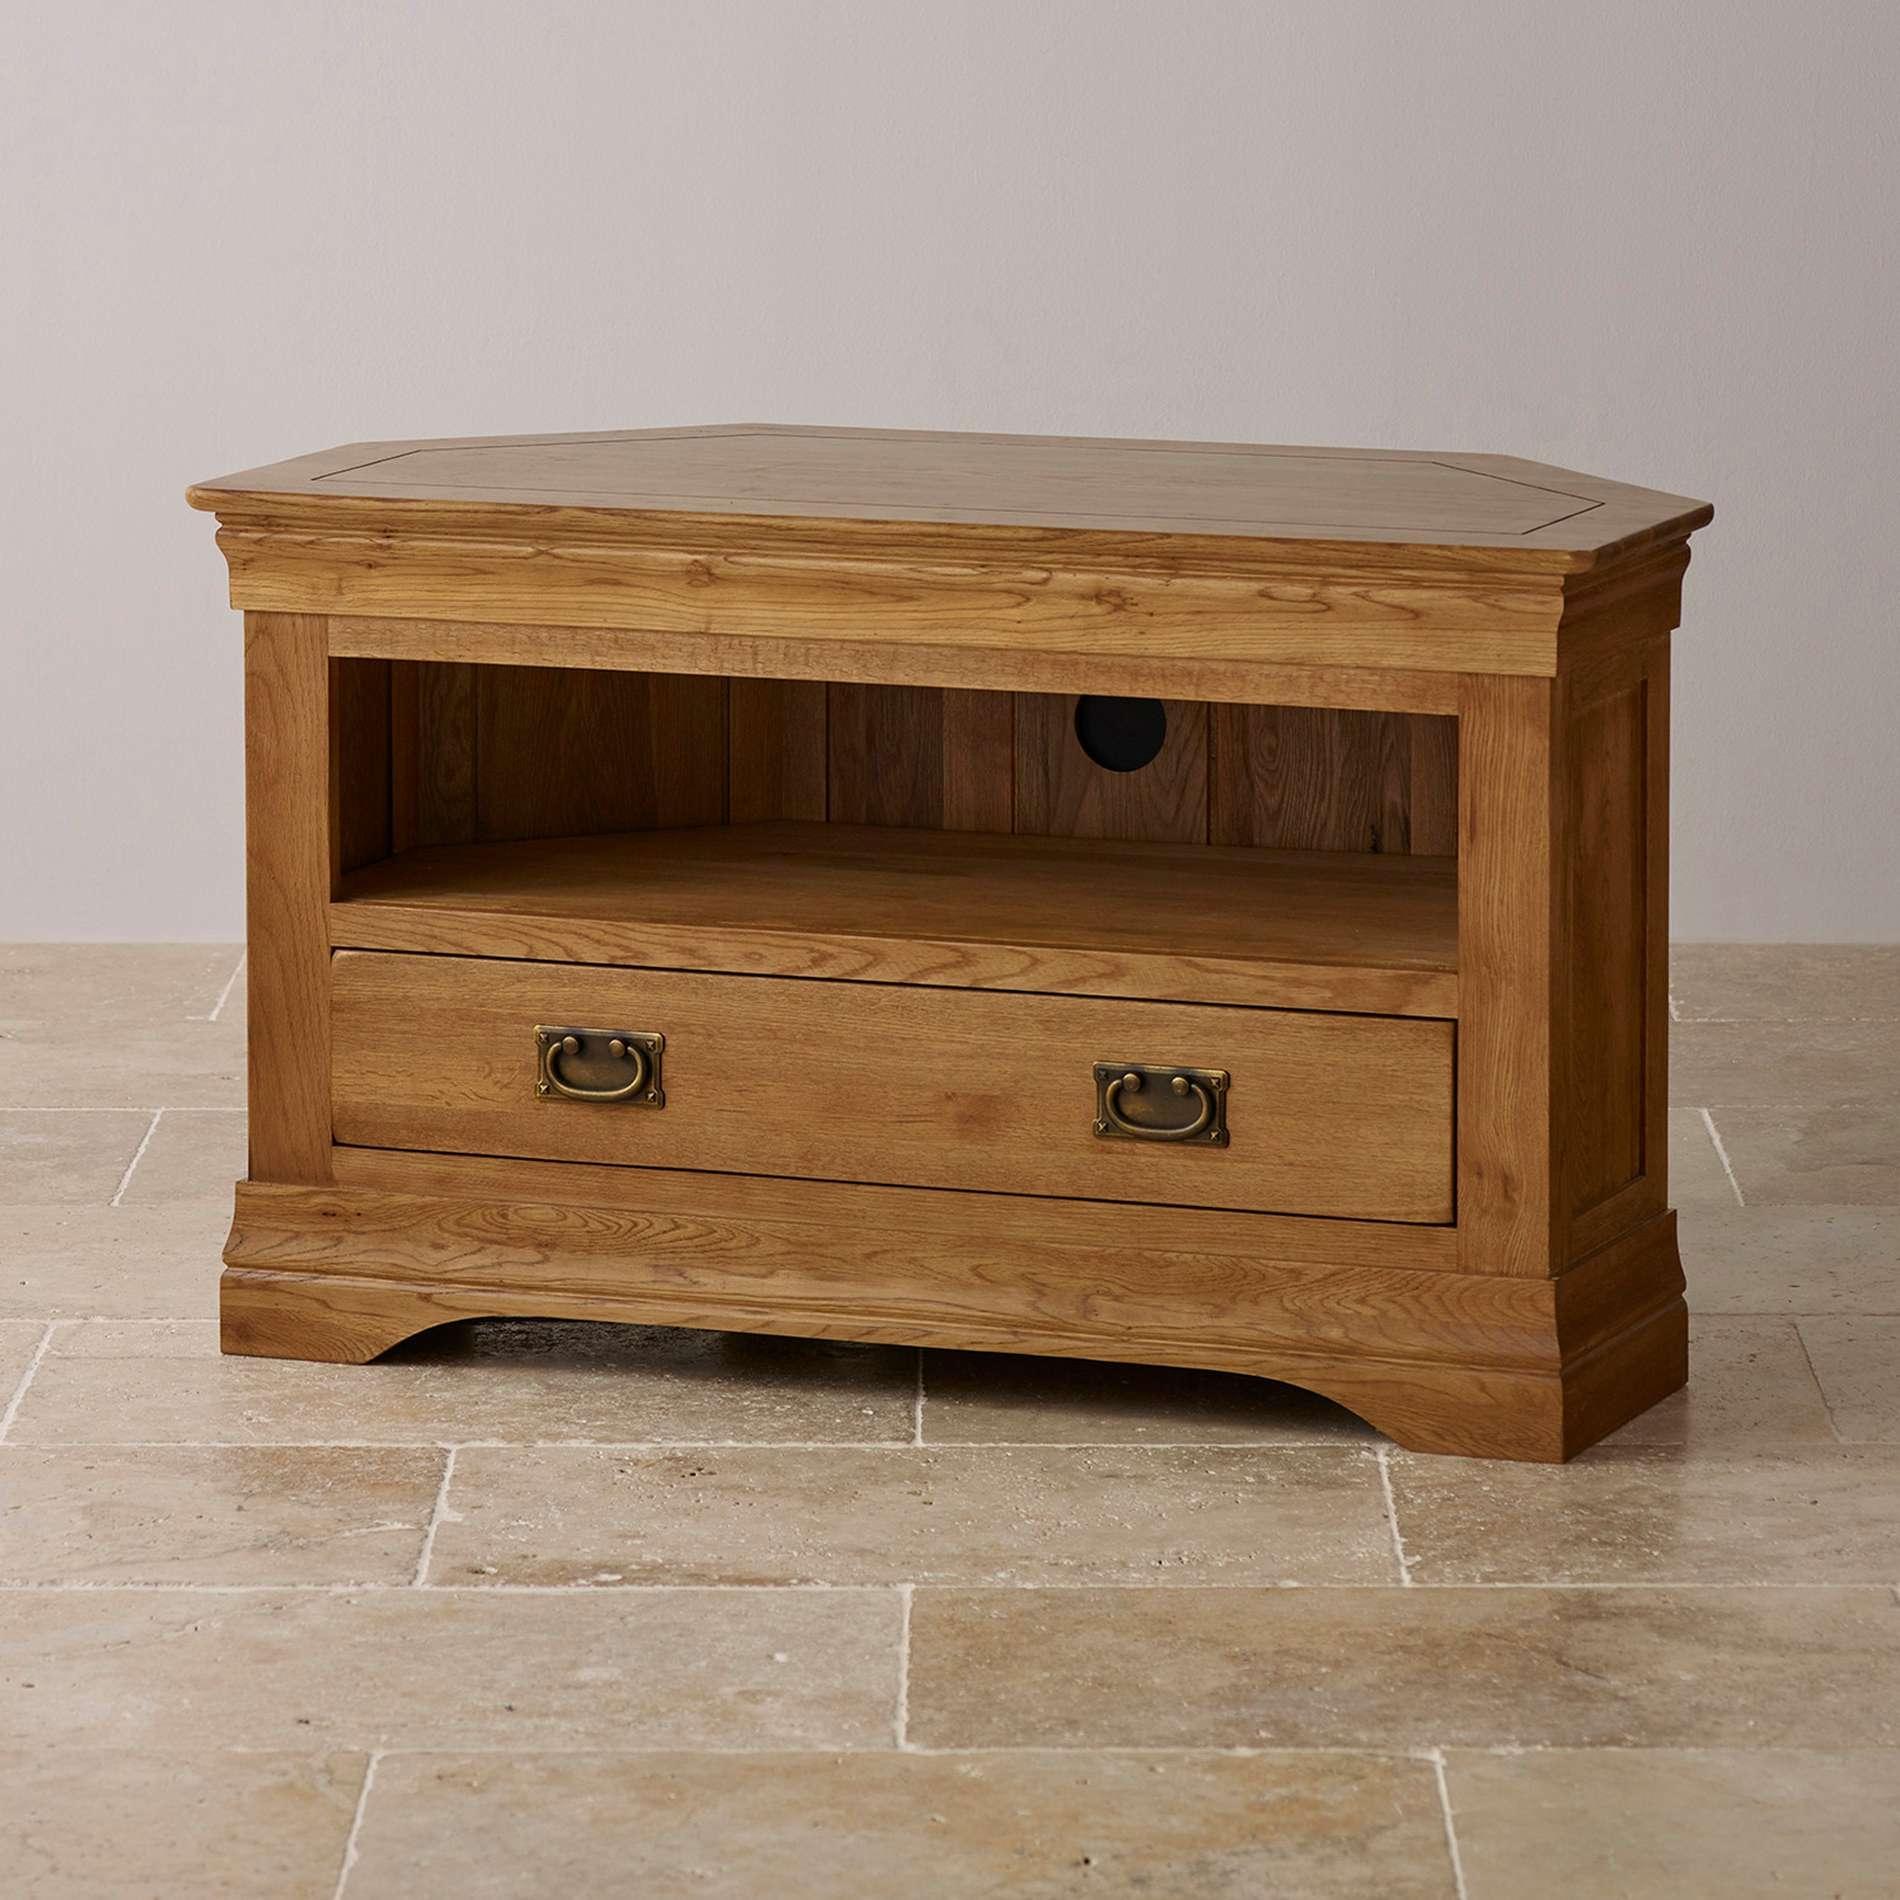 Corner Wooden Tv Cabinet – Seeshiningstars Inside Wooden Corner Tv Stands (View 18 of 20)